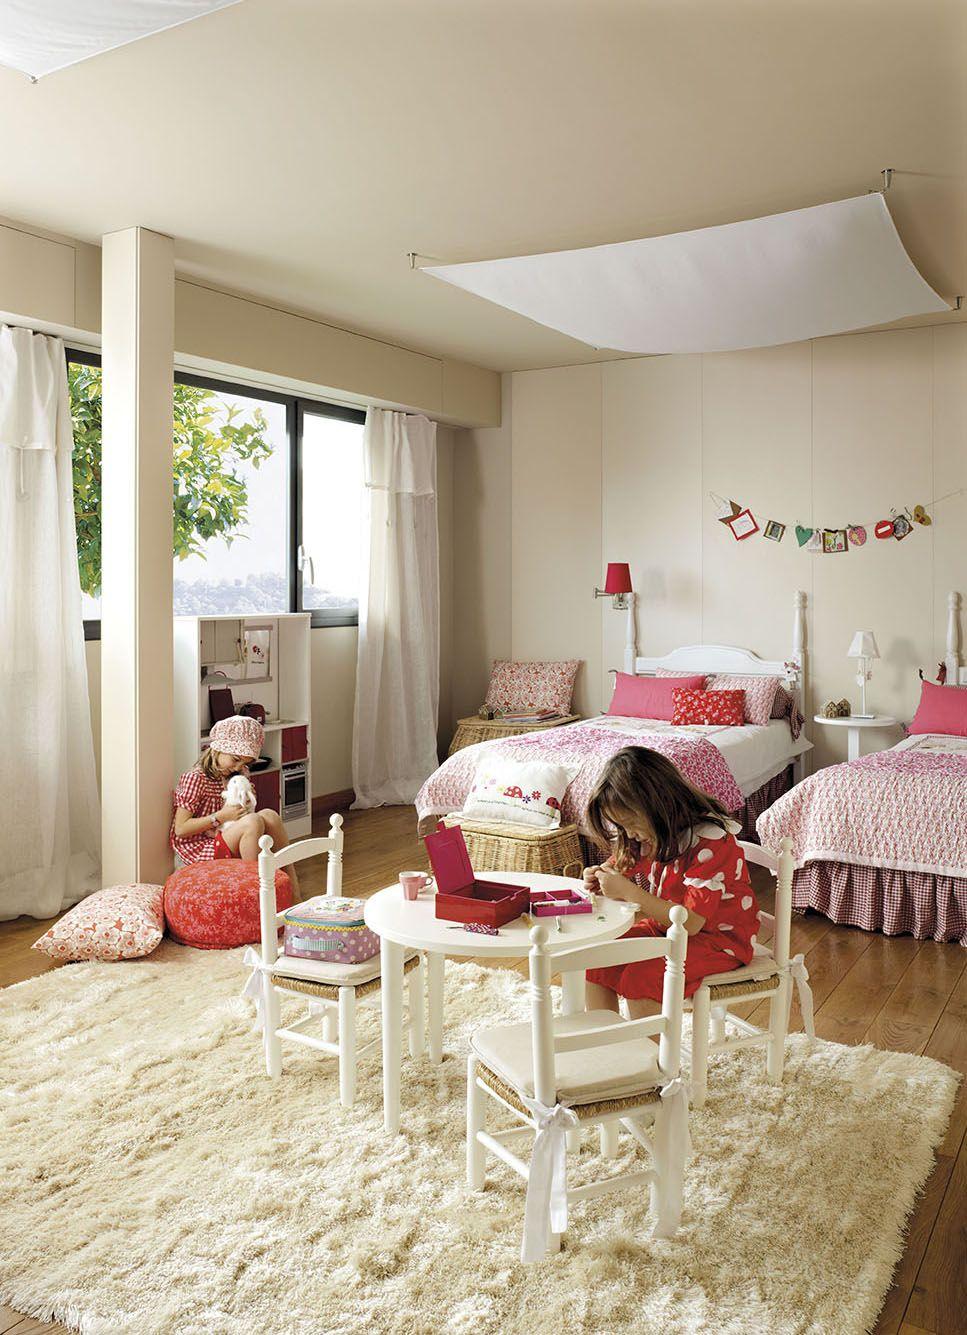 Dormitorio princiapal con cama con dosel y pequeño mueble bajo la ...